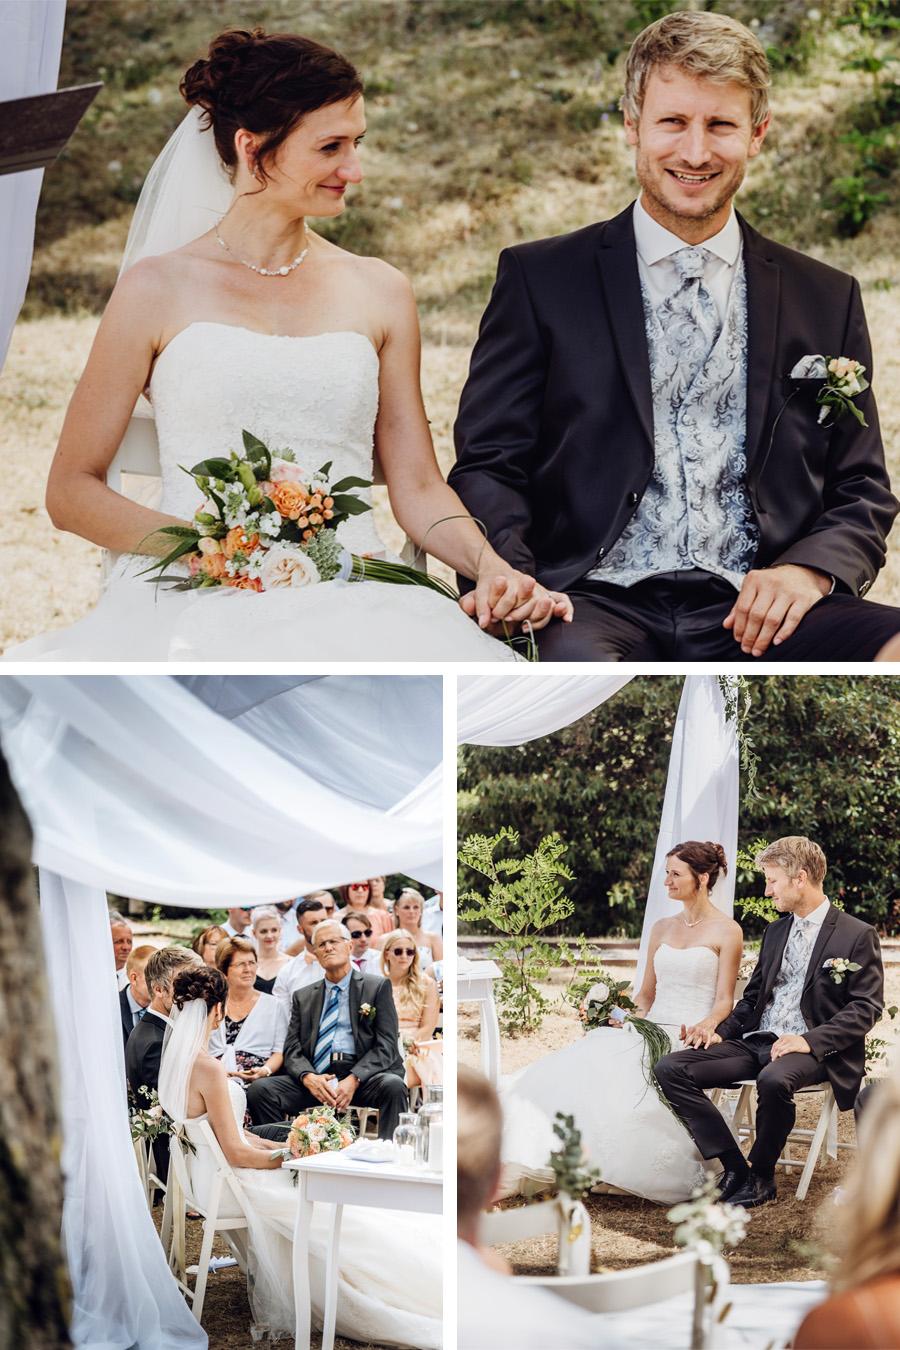 Hochzeitsfotografen zur Trauung